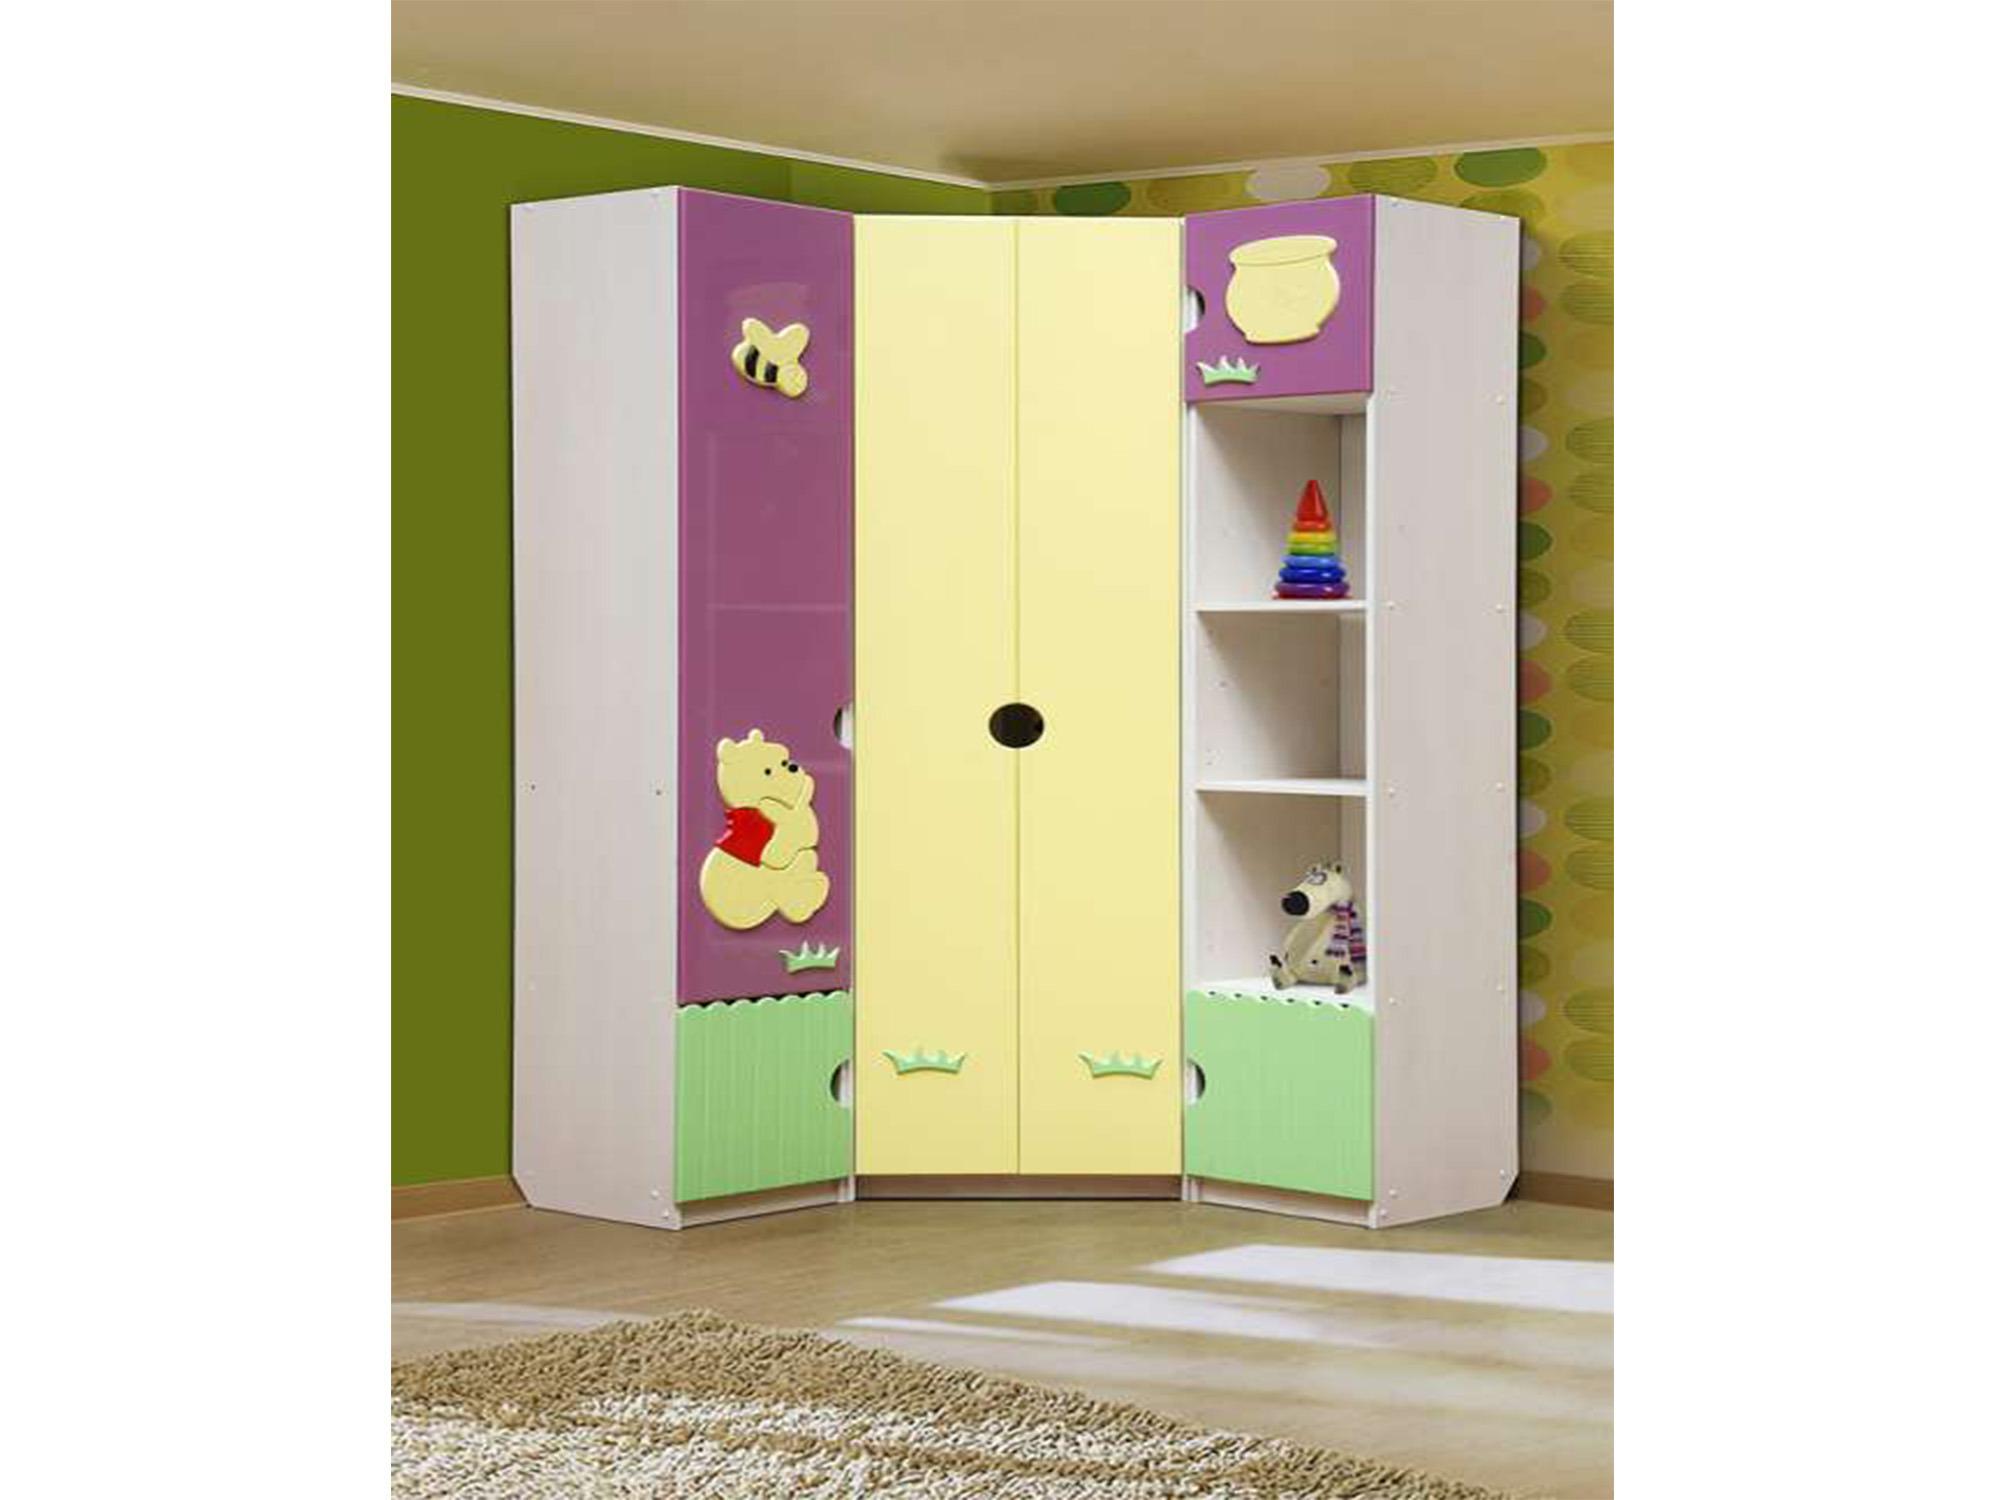 Шкаф угловой Медвежонок 1Угловые шкафы<br><br><br>Длина мм: 0<br>Высота мм: 2200<br>Глубина мм: 450